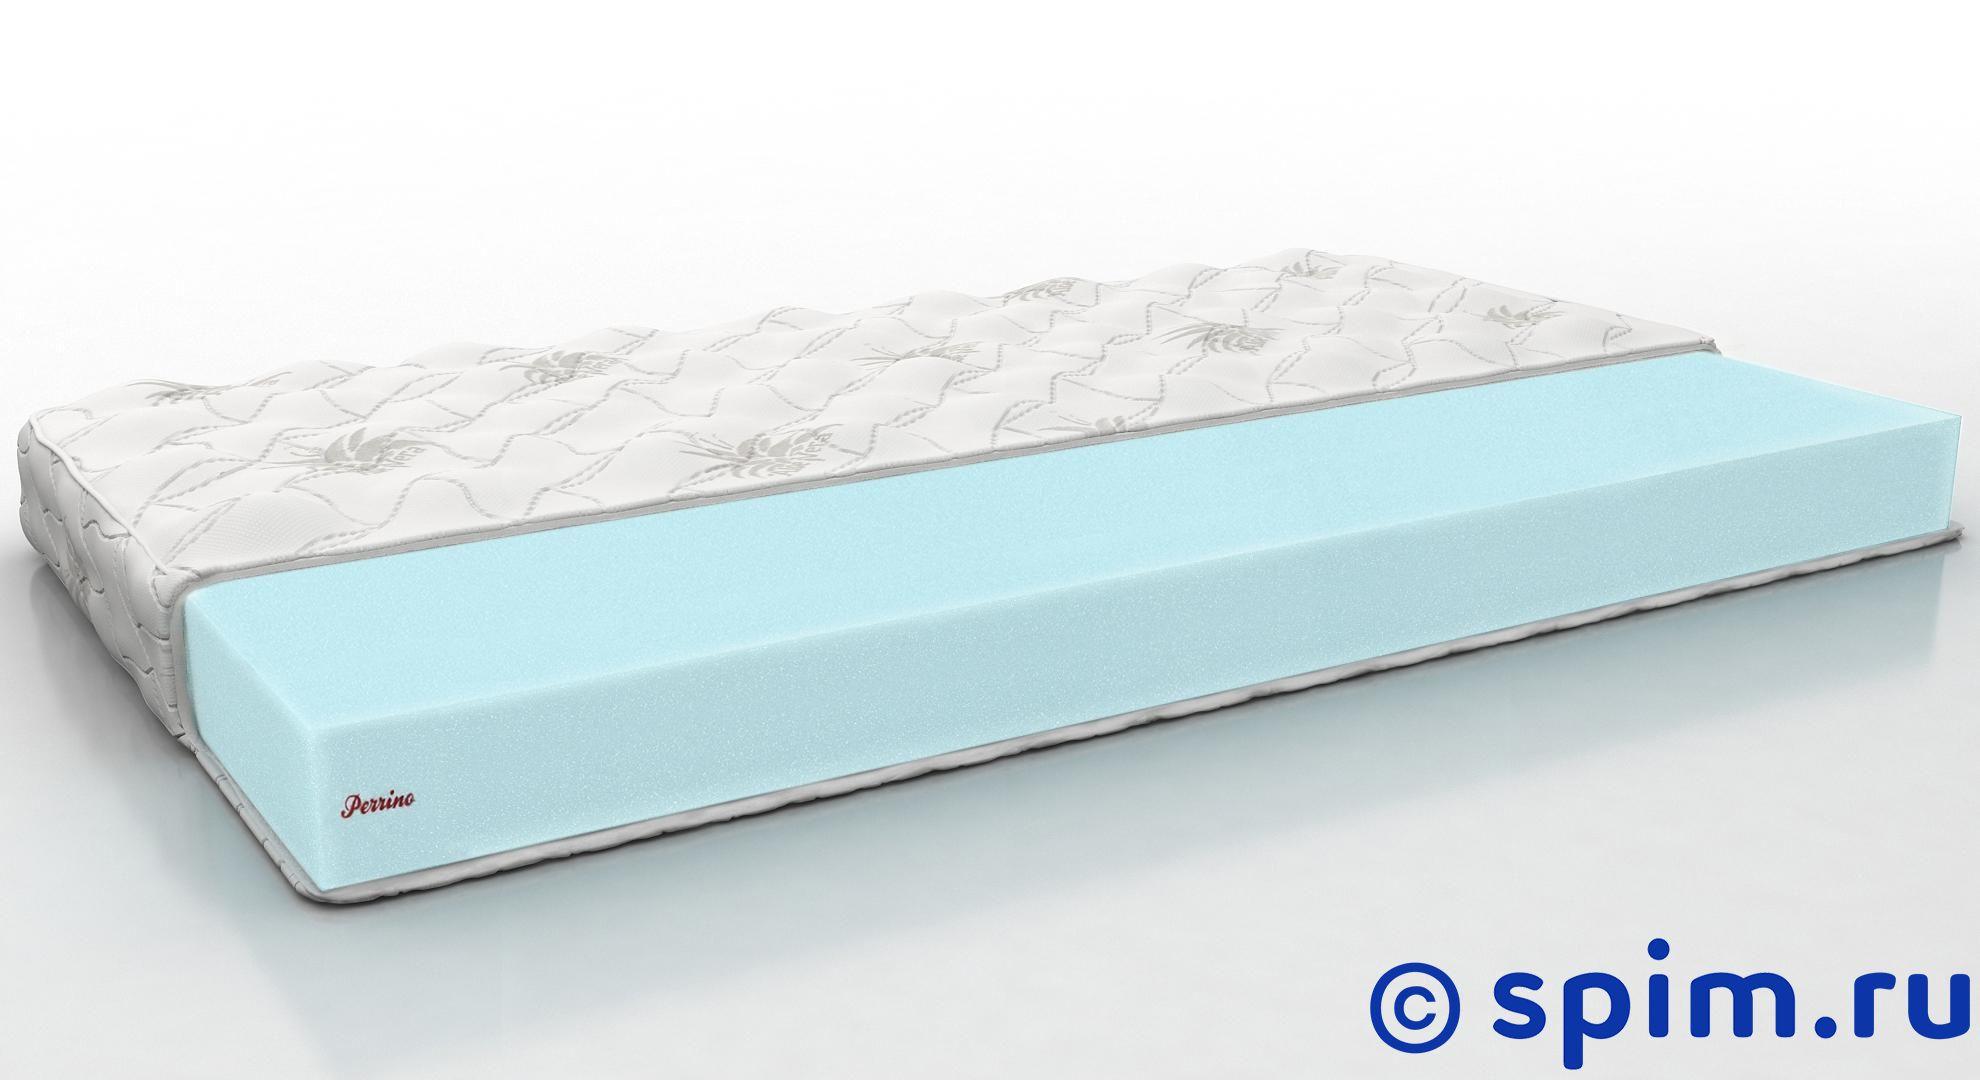 Матрас Perrino Плекс мини 160х195 смБеспружинные матрасы Perrino<br>Матрас средней жесткости на основе блока Эрголатекса. Съемный трикотажный чехол. Нагрузка: до 80 кг. Высота: 10 см. Матрас шириной до 160 см поставляется в скрученном виде. Матрас шириной от 161 см поставляется в полном размере. Размер Перрино Plex mini двуспальный: 160 x 195 см<br><br>Ширина см: 160<br>Длина см: 195